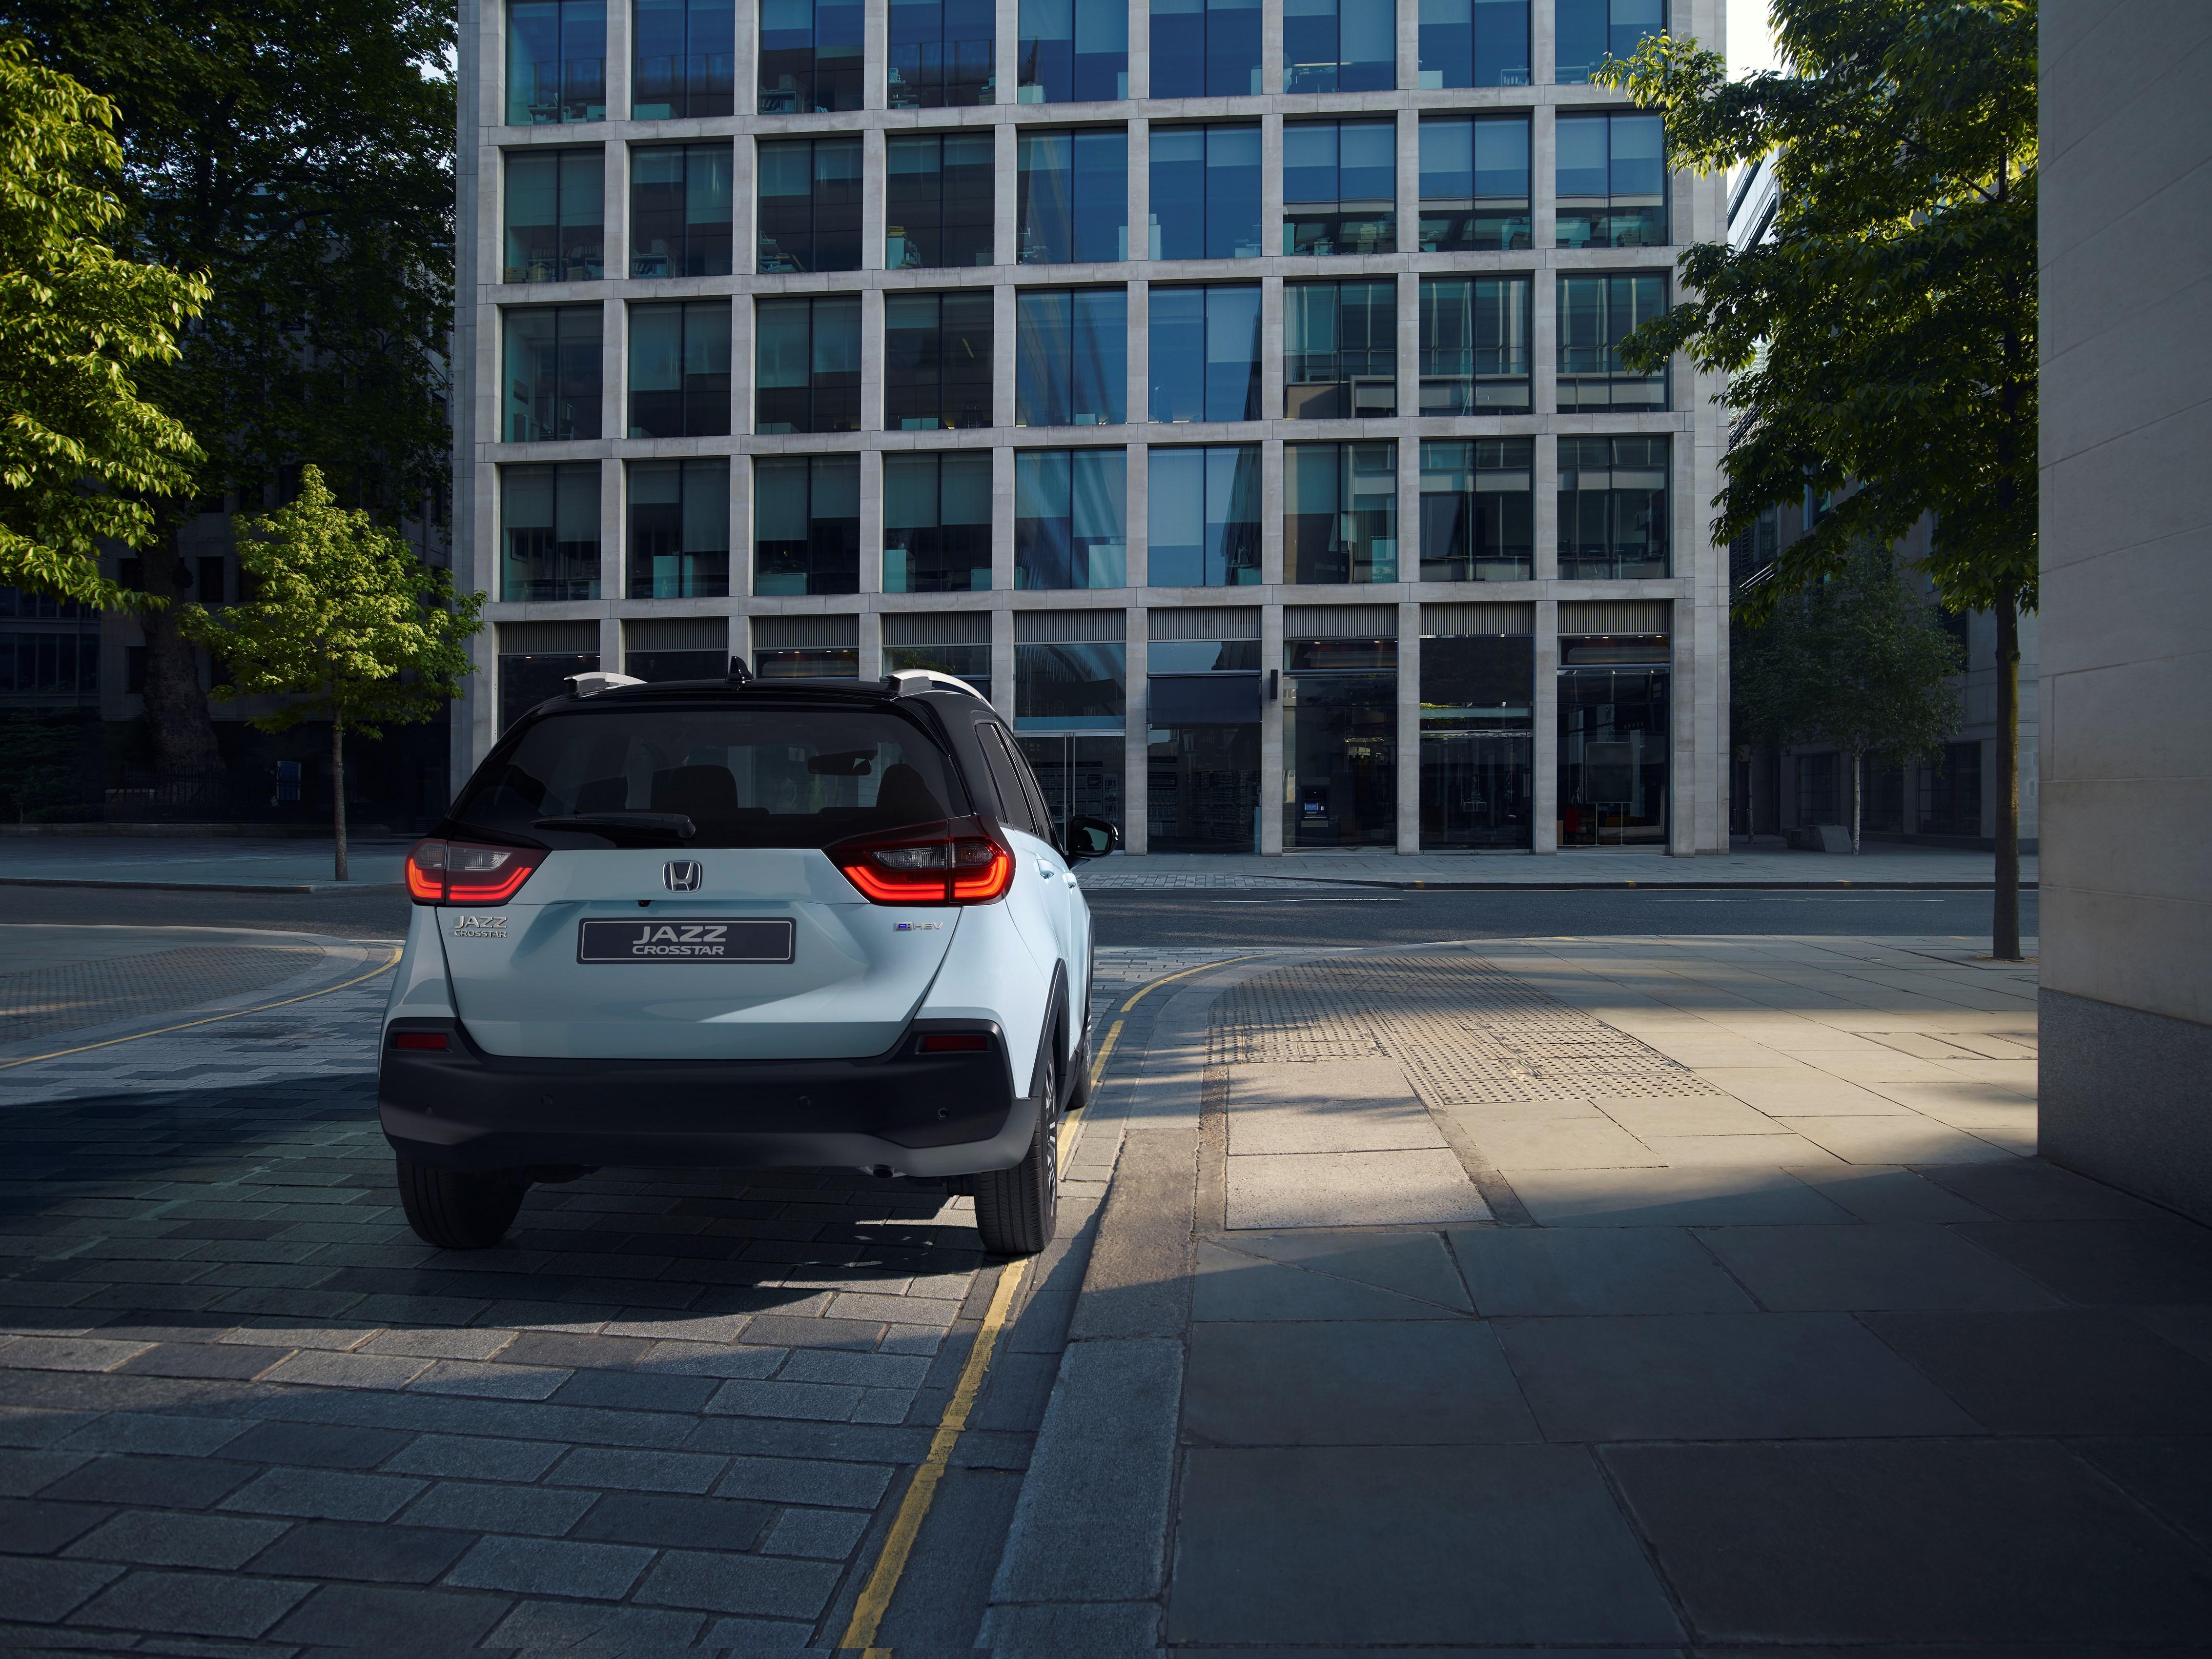 car_pr2020_07_jazz_crosstar.jpg